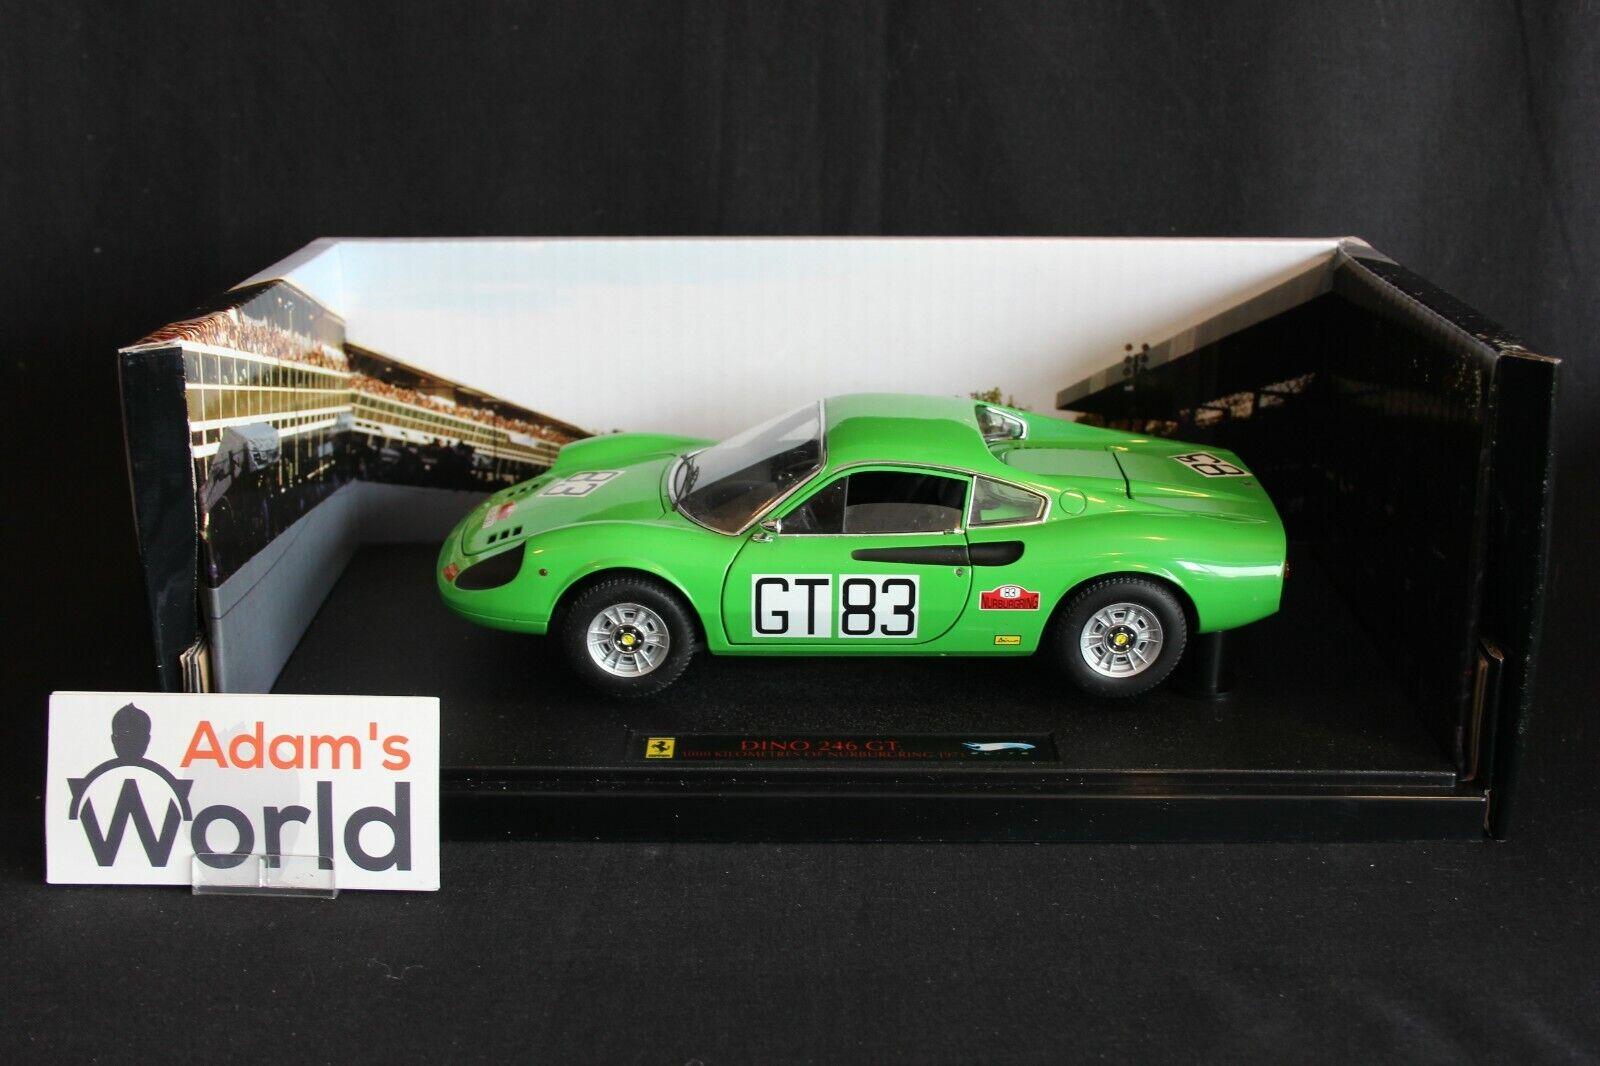 caliente ruedas Elite Ferrari Dino 246 GT 1971 1 18  GT83 1.000km Nürburgring PJBB